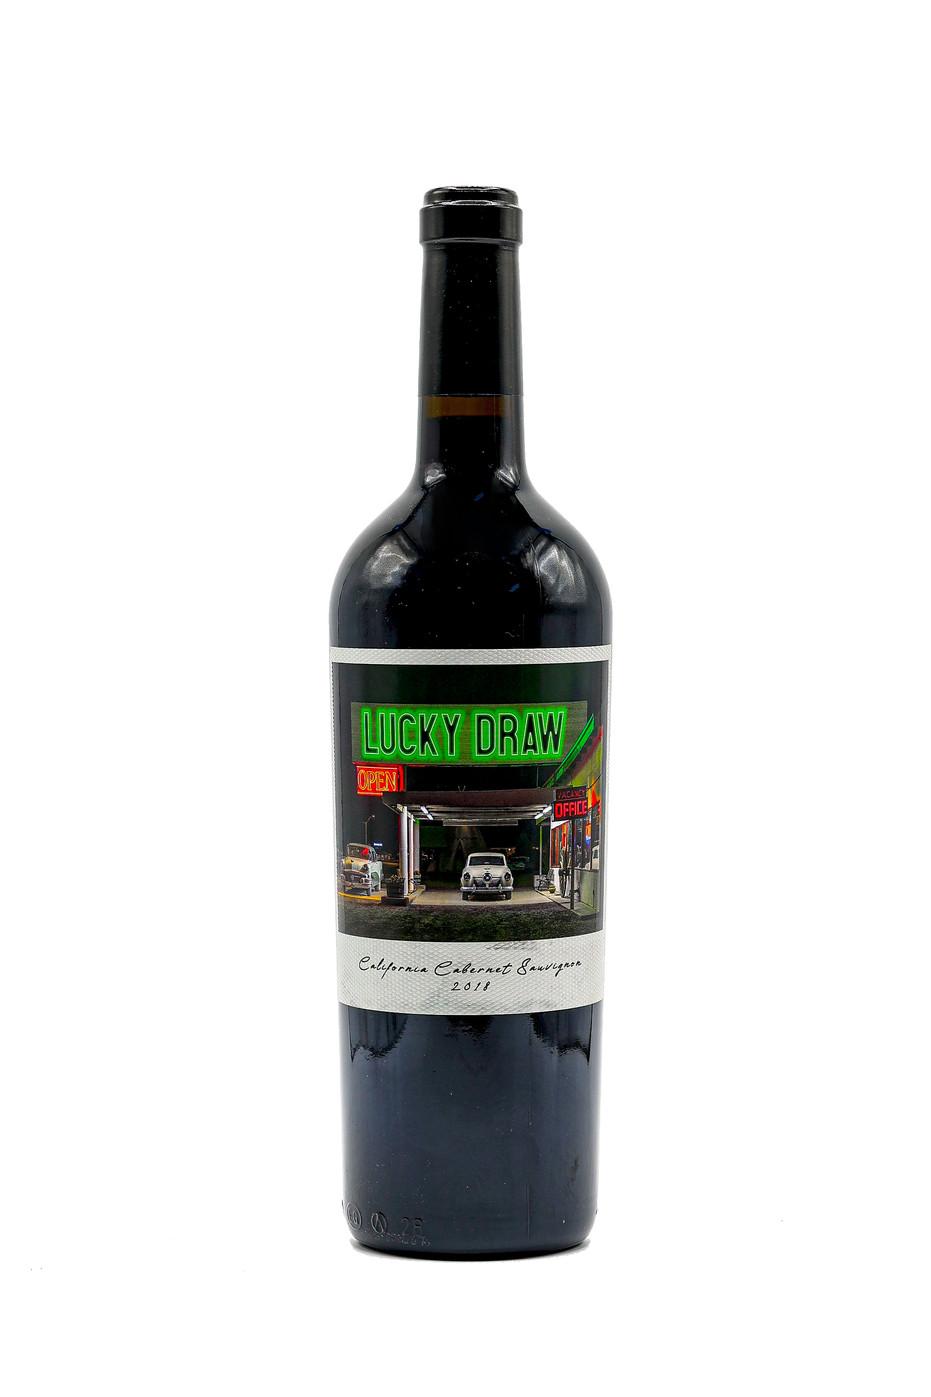 LUCKY DRAW WINE